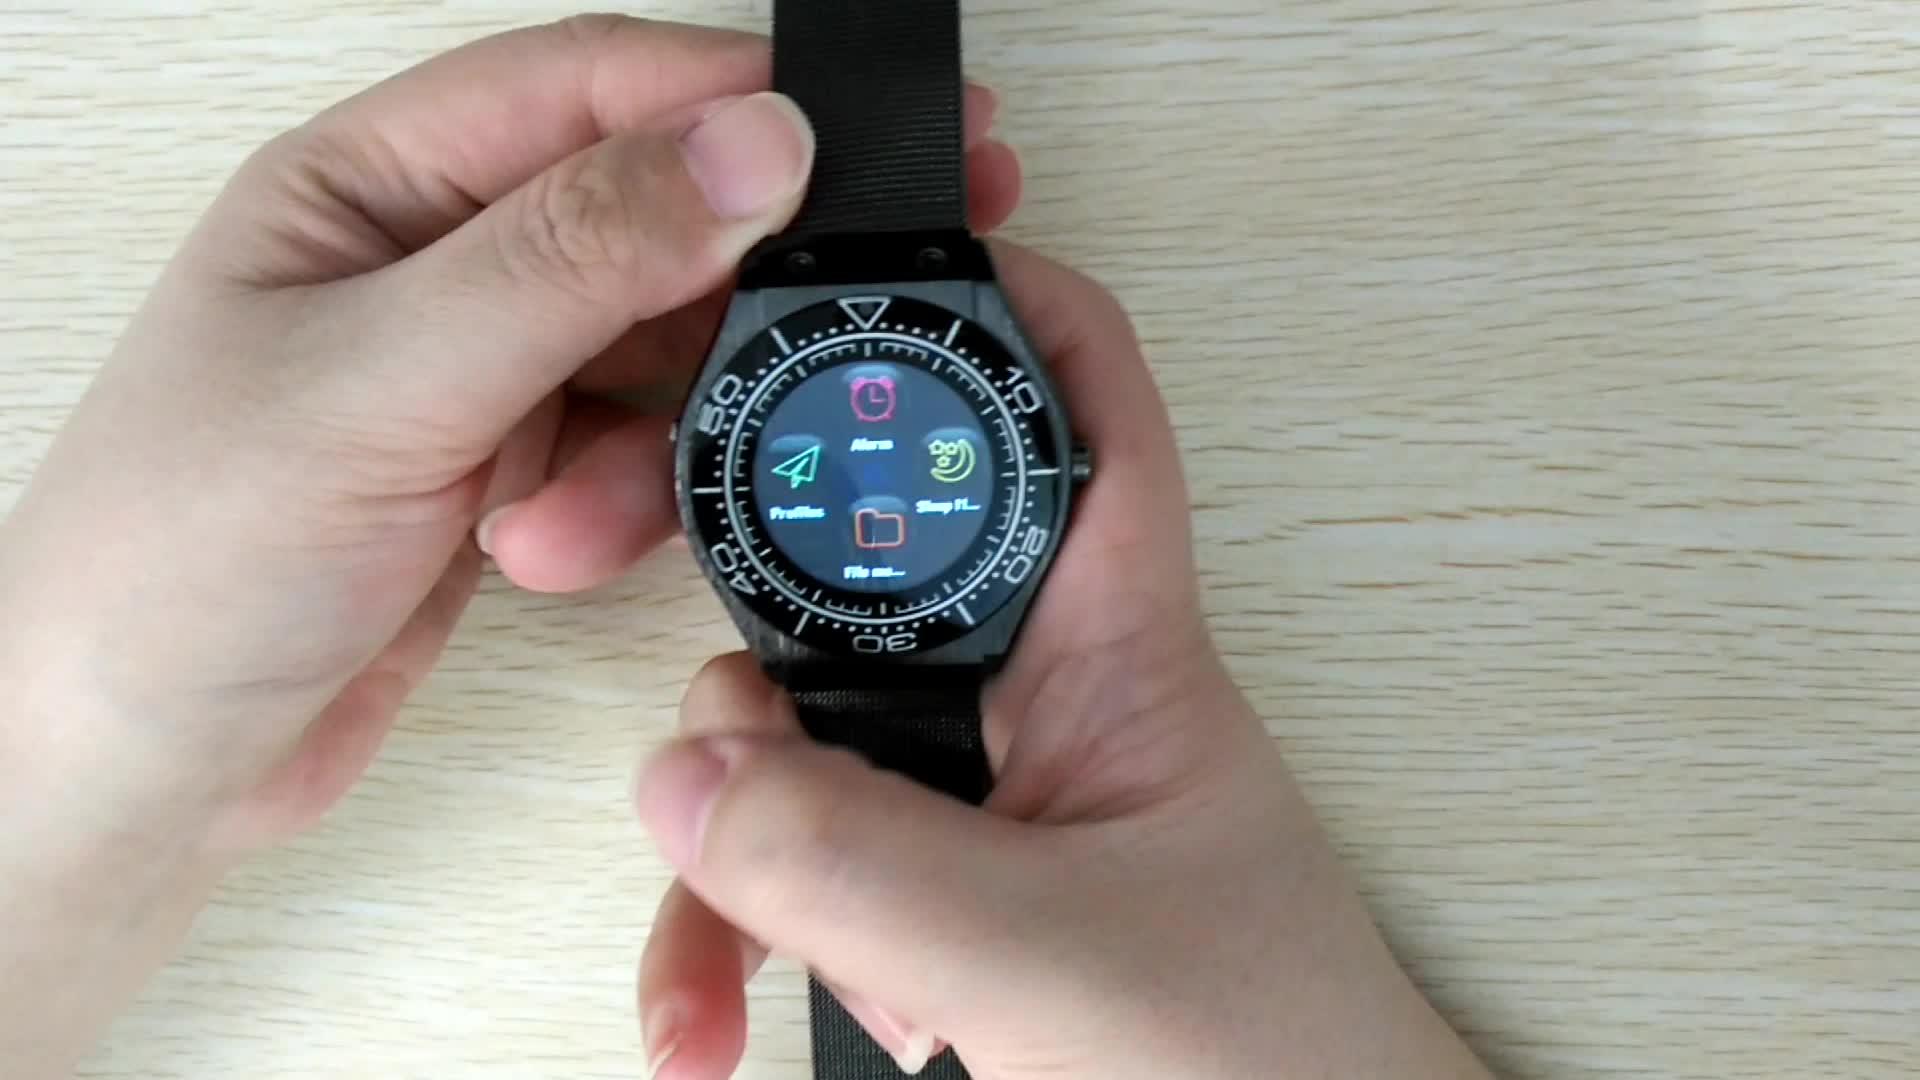 ขายส่งสมาร์ทนาฬิกา Z10 Y10 N9 หรูหราโลหะ Smartwatch ที่ดีที่สุด DZ09 A1 X6 GT08 Q18 U8 สำหรับเด็กชายผู้หญิง